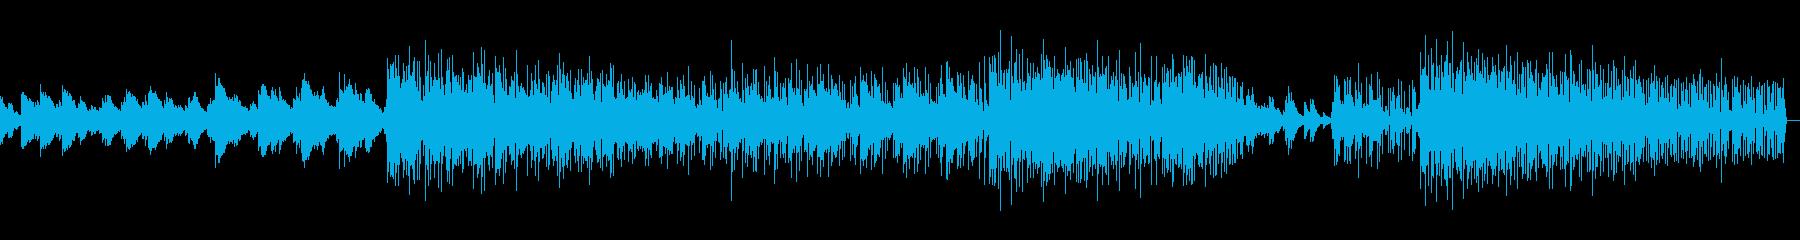 幻想的なエレピの響きが特徴の淡々とした曲の再生済みの波形